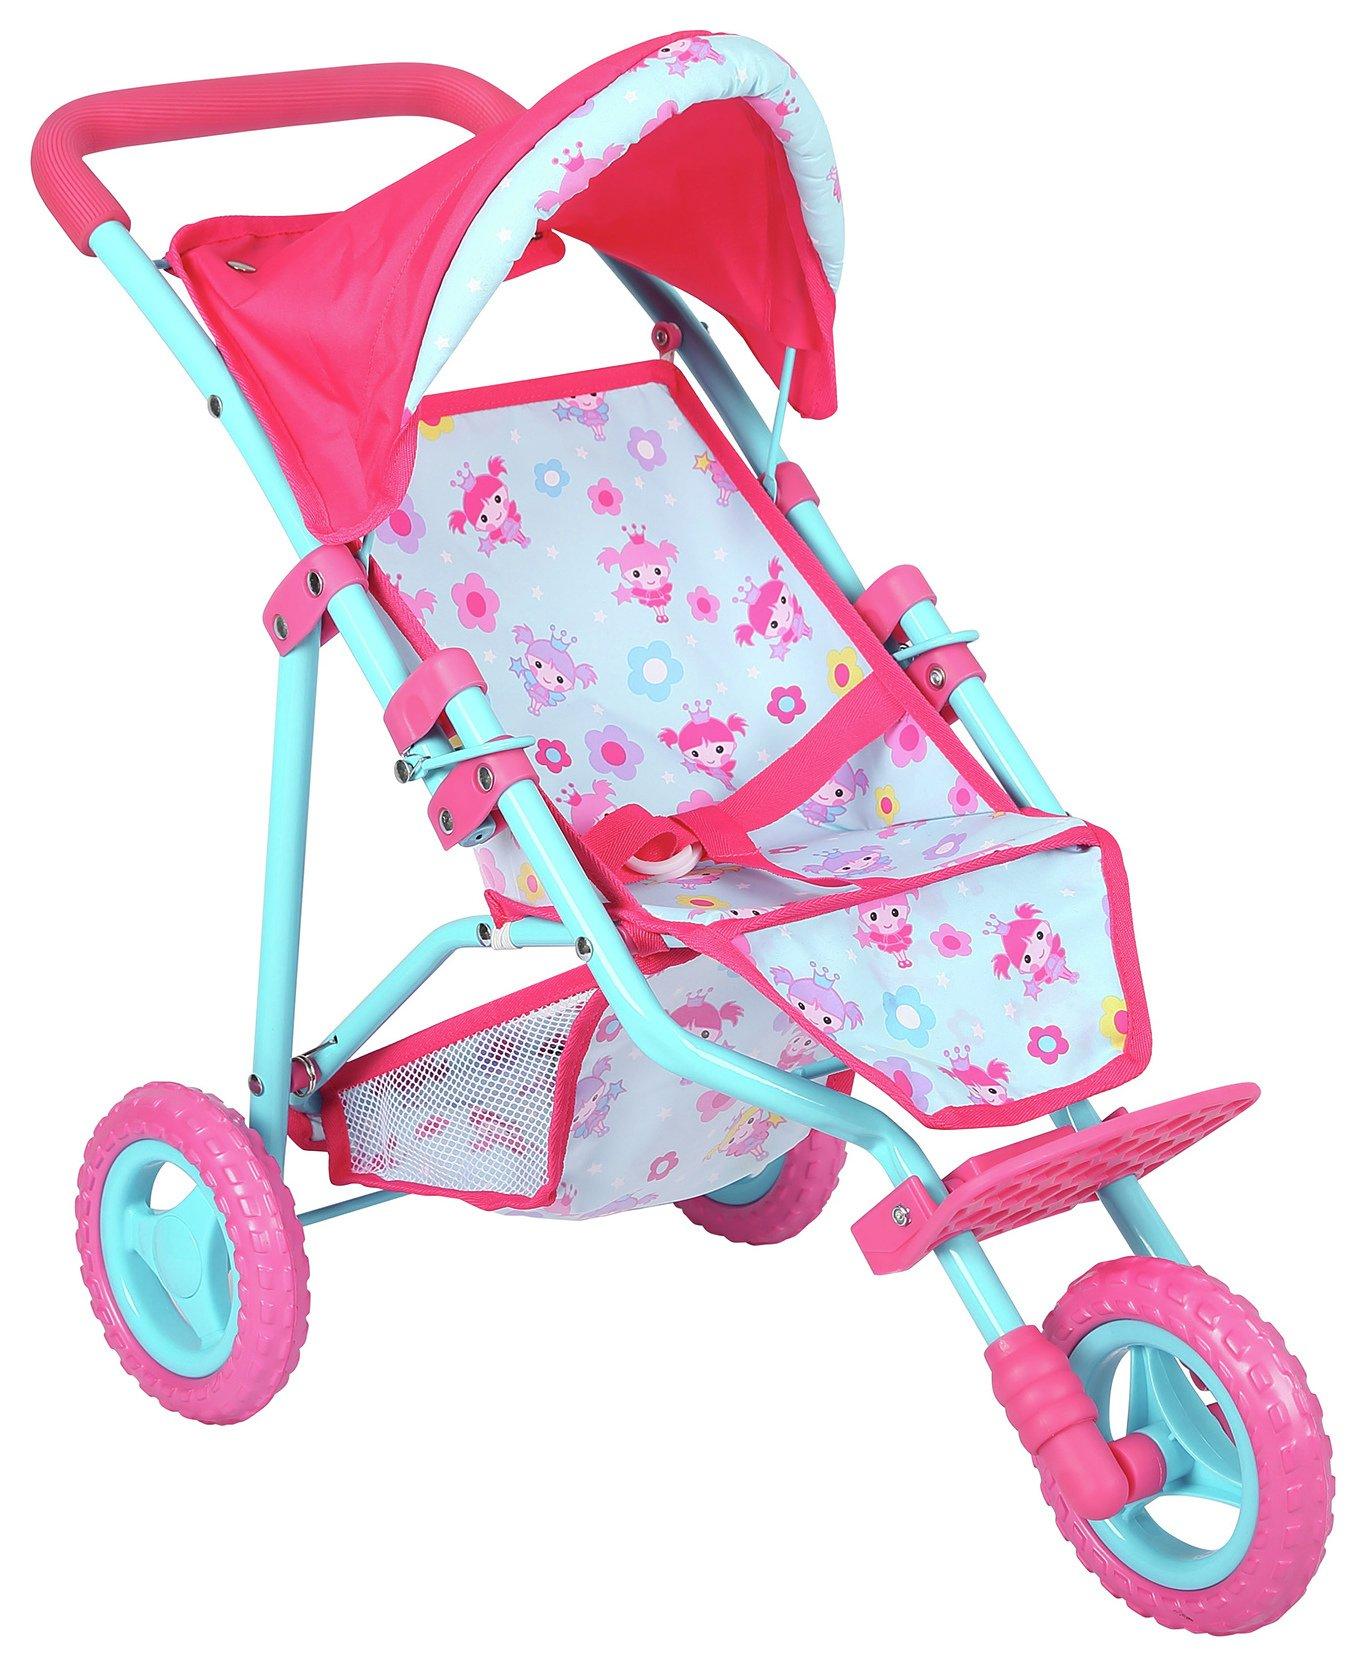 Image of Dollsworld Deluxe 3 Wheel Fold Stroller.